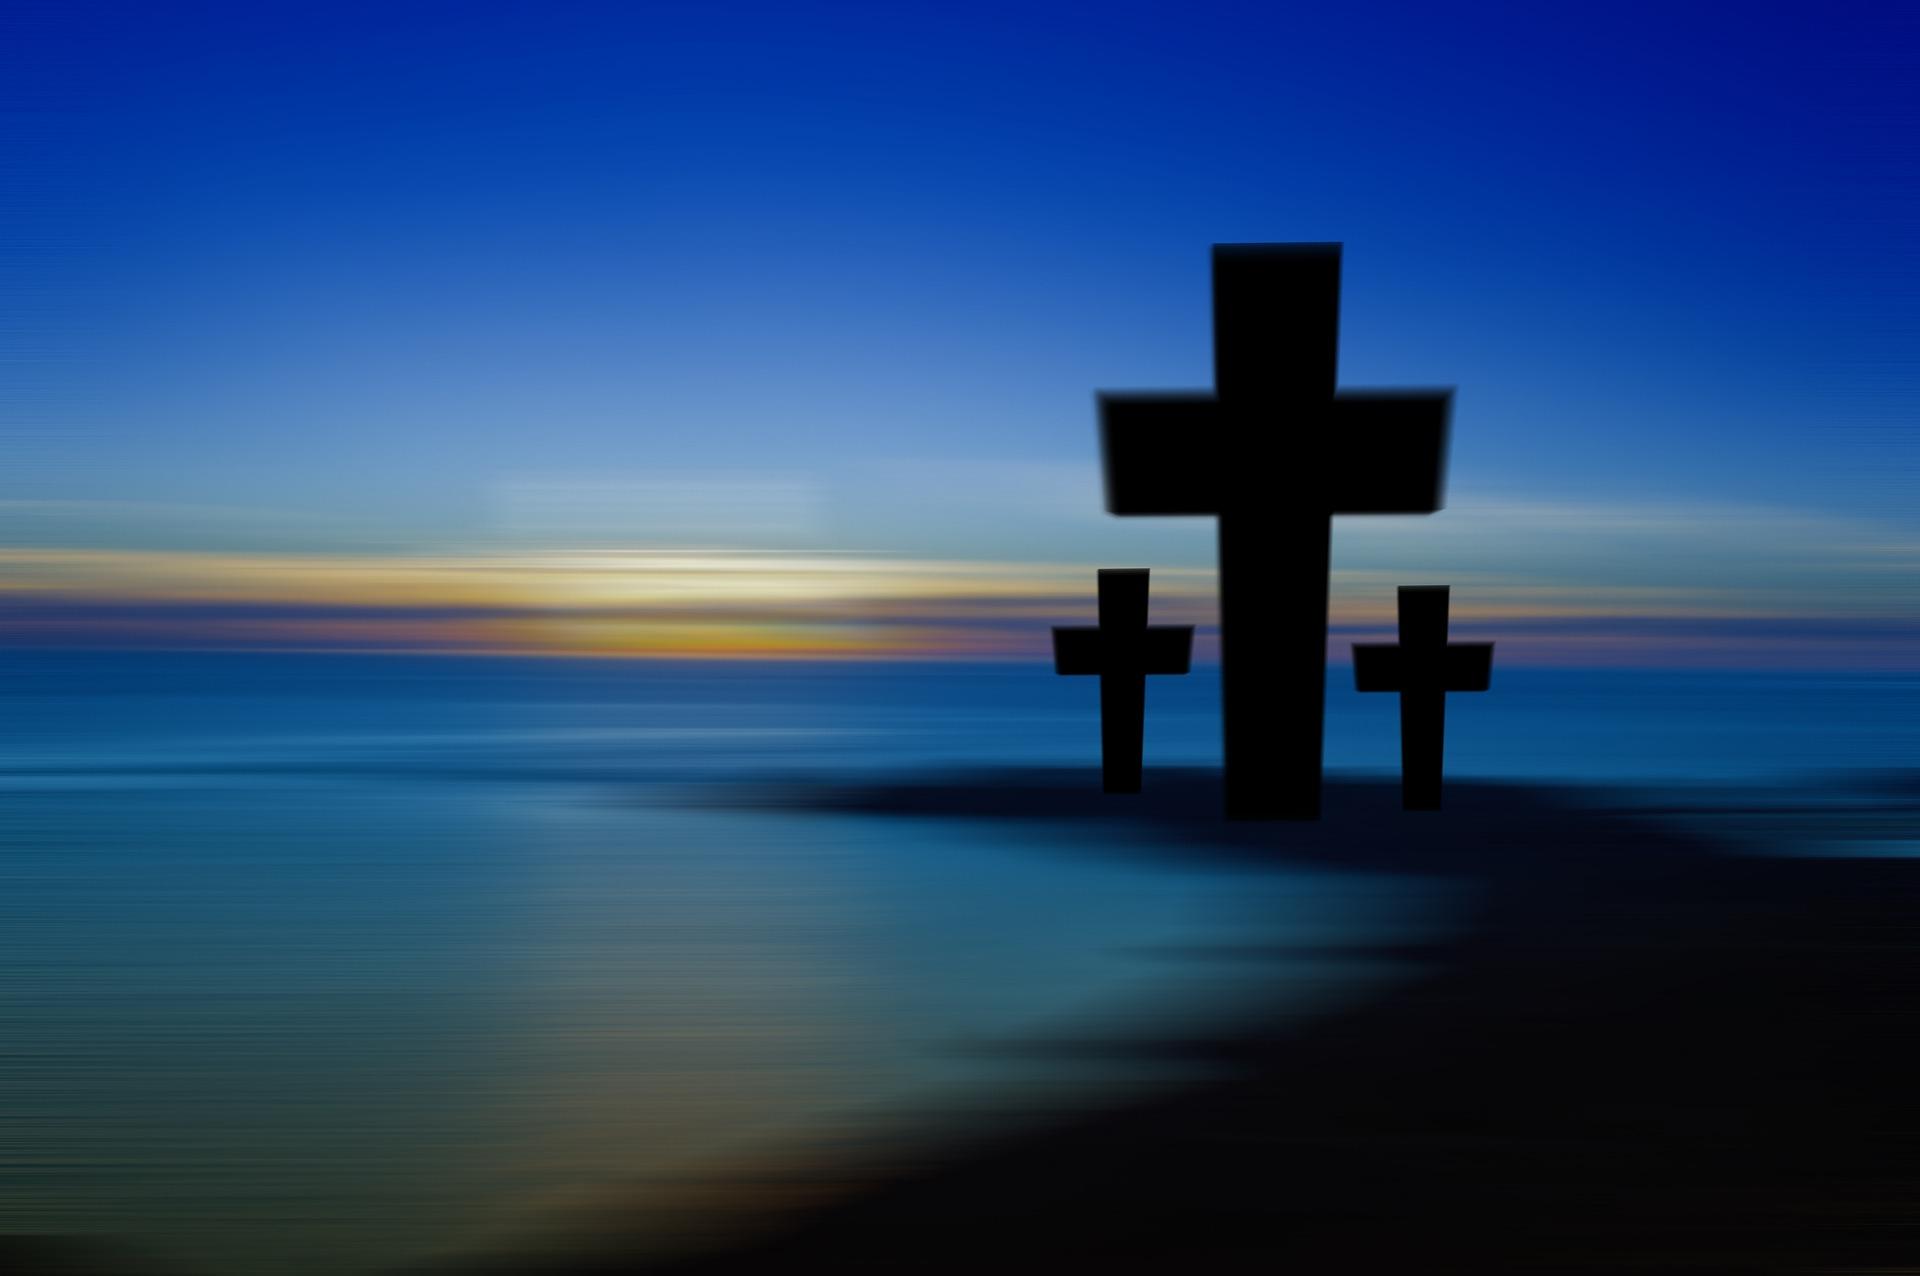 Ist lied das leer lebt grab jesus LIED: Es